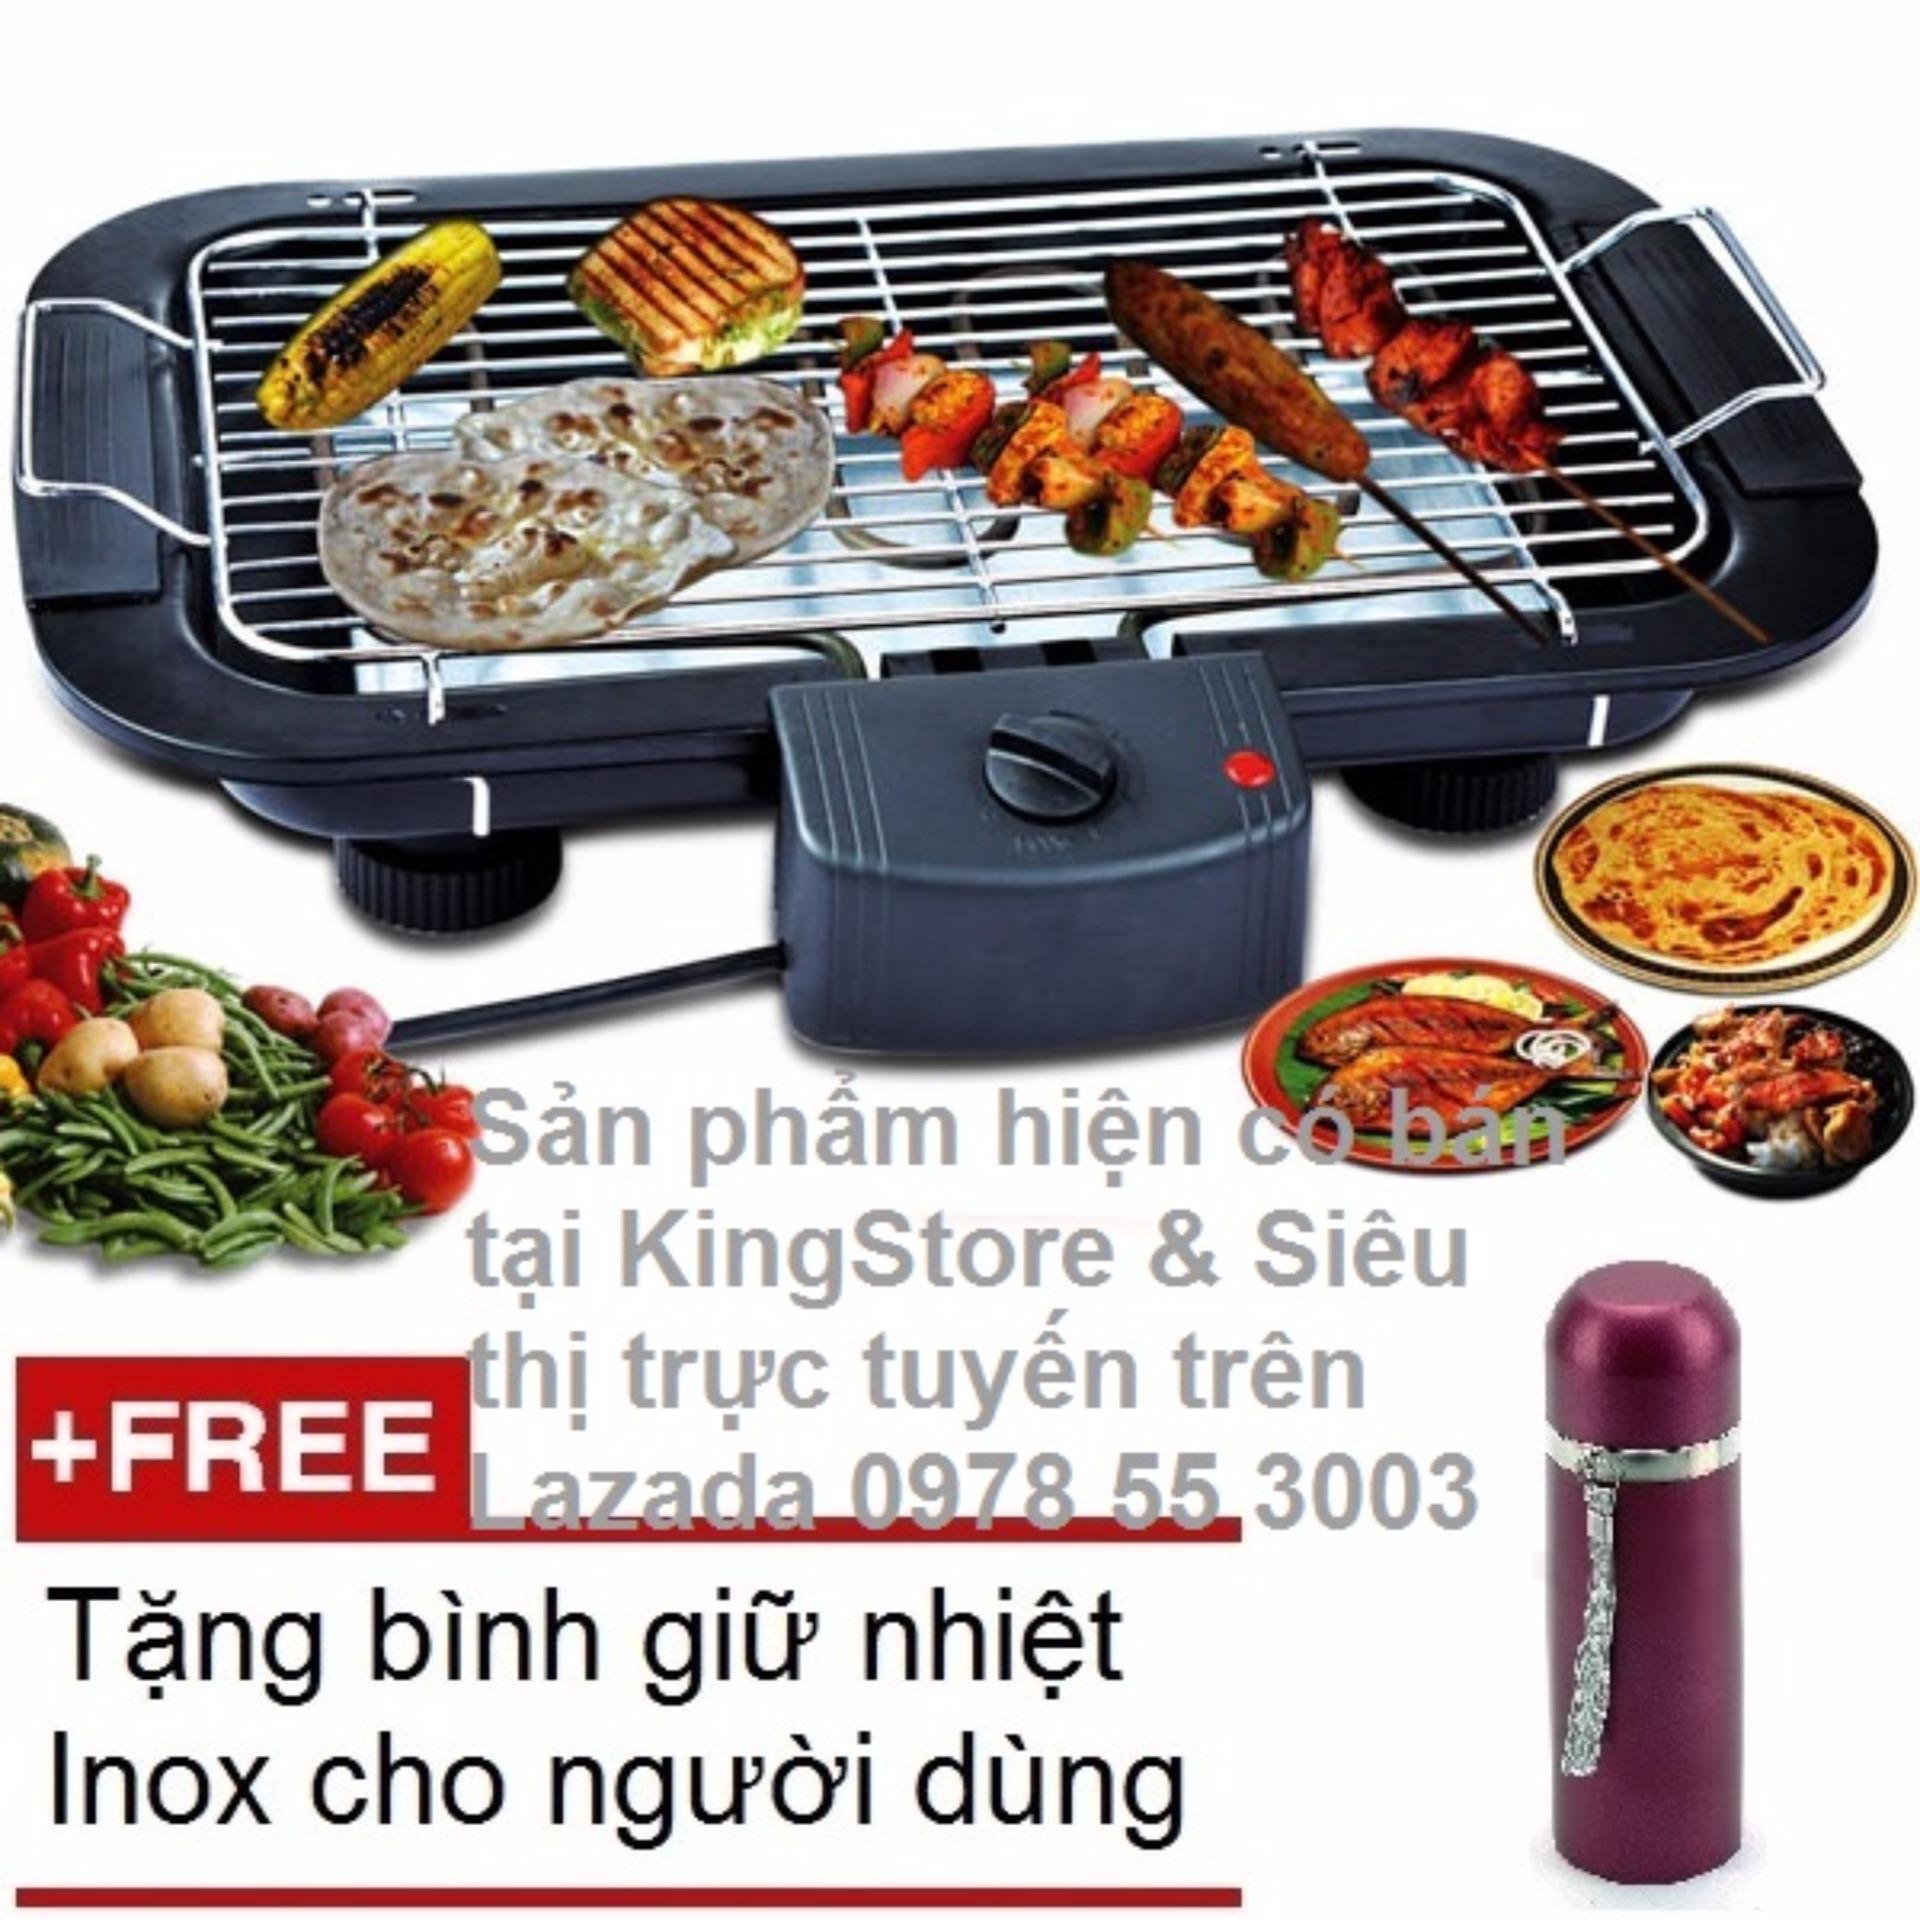 Bếp / Vỉ nướng điện cao cấp không khói Barbecue Grill 2000W + Tặng kèm bình giữ nhiệt Inox